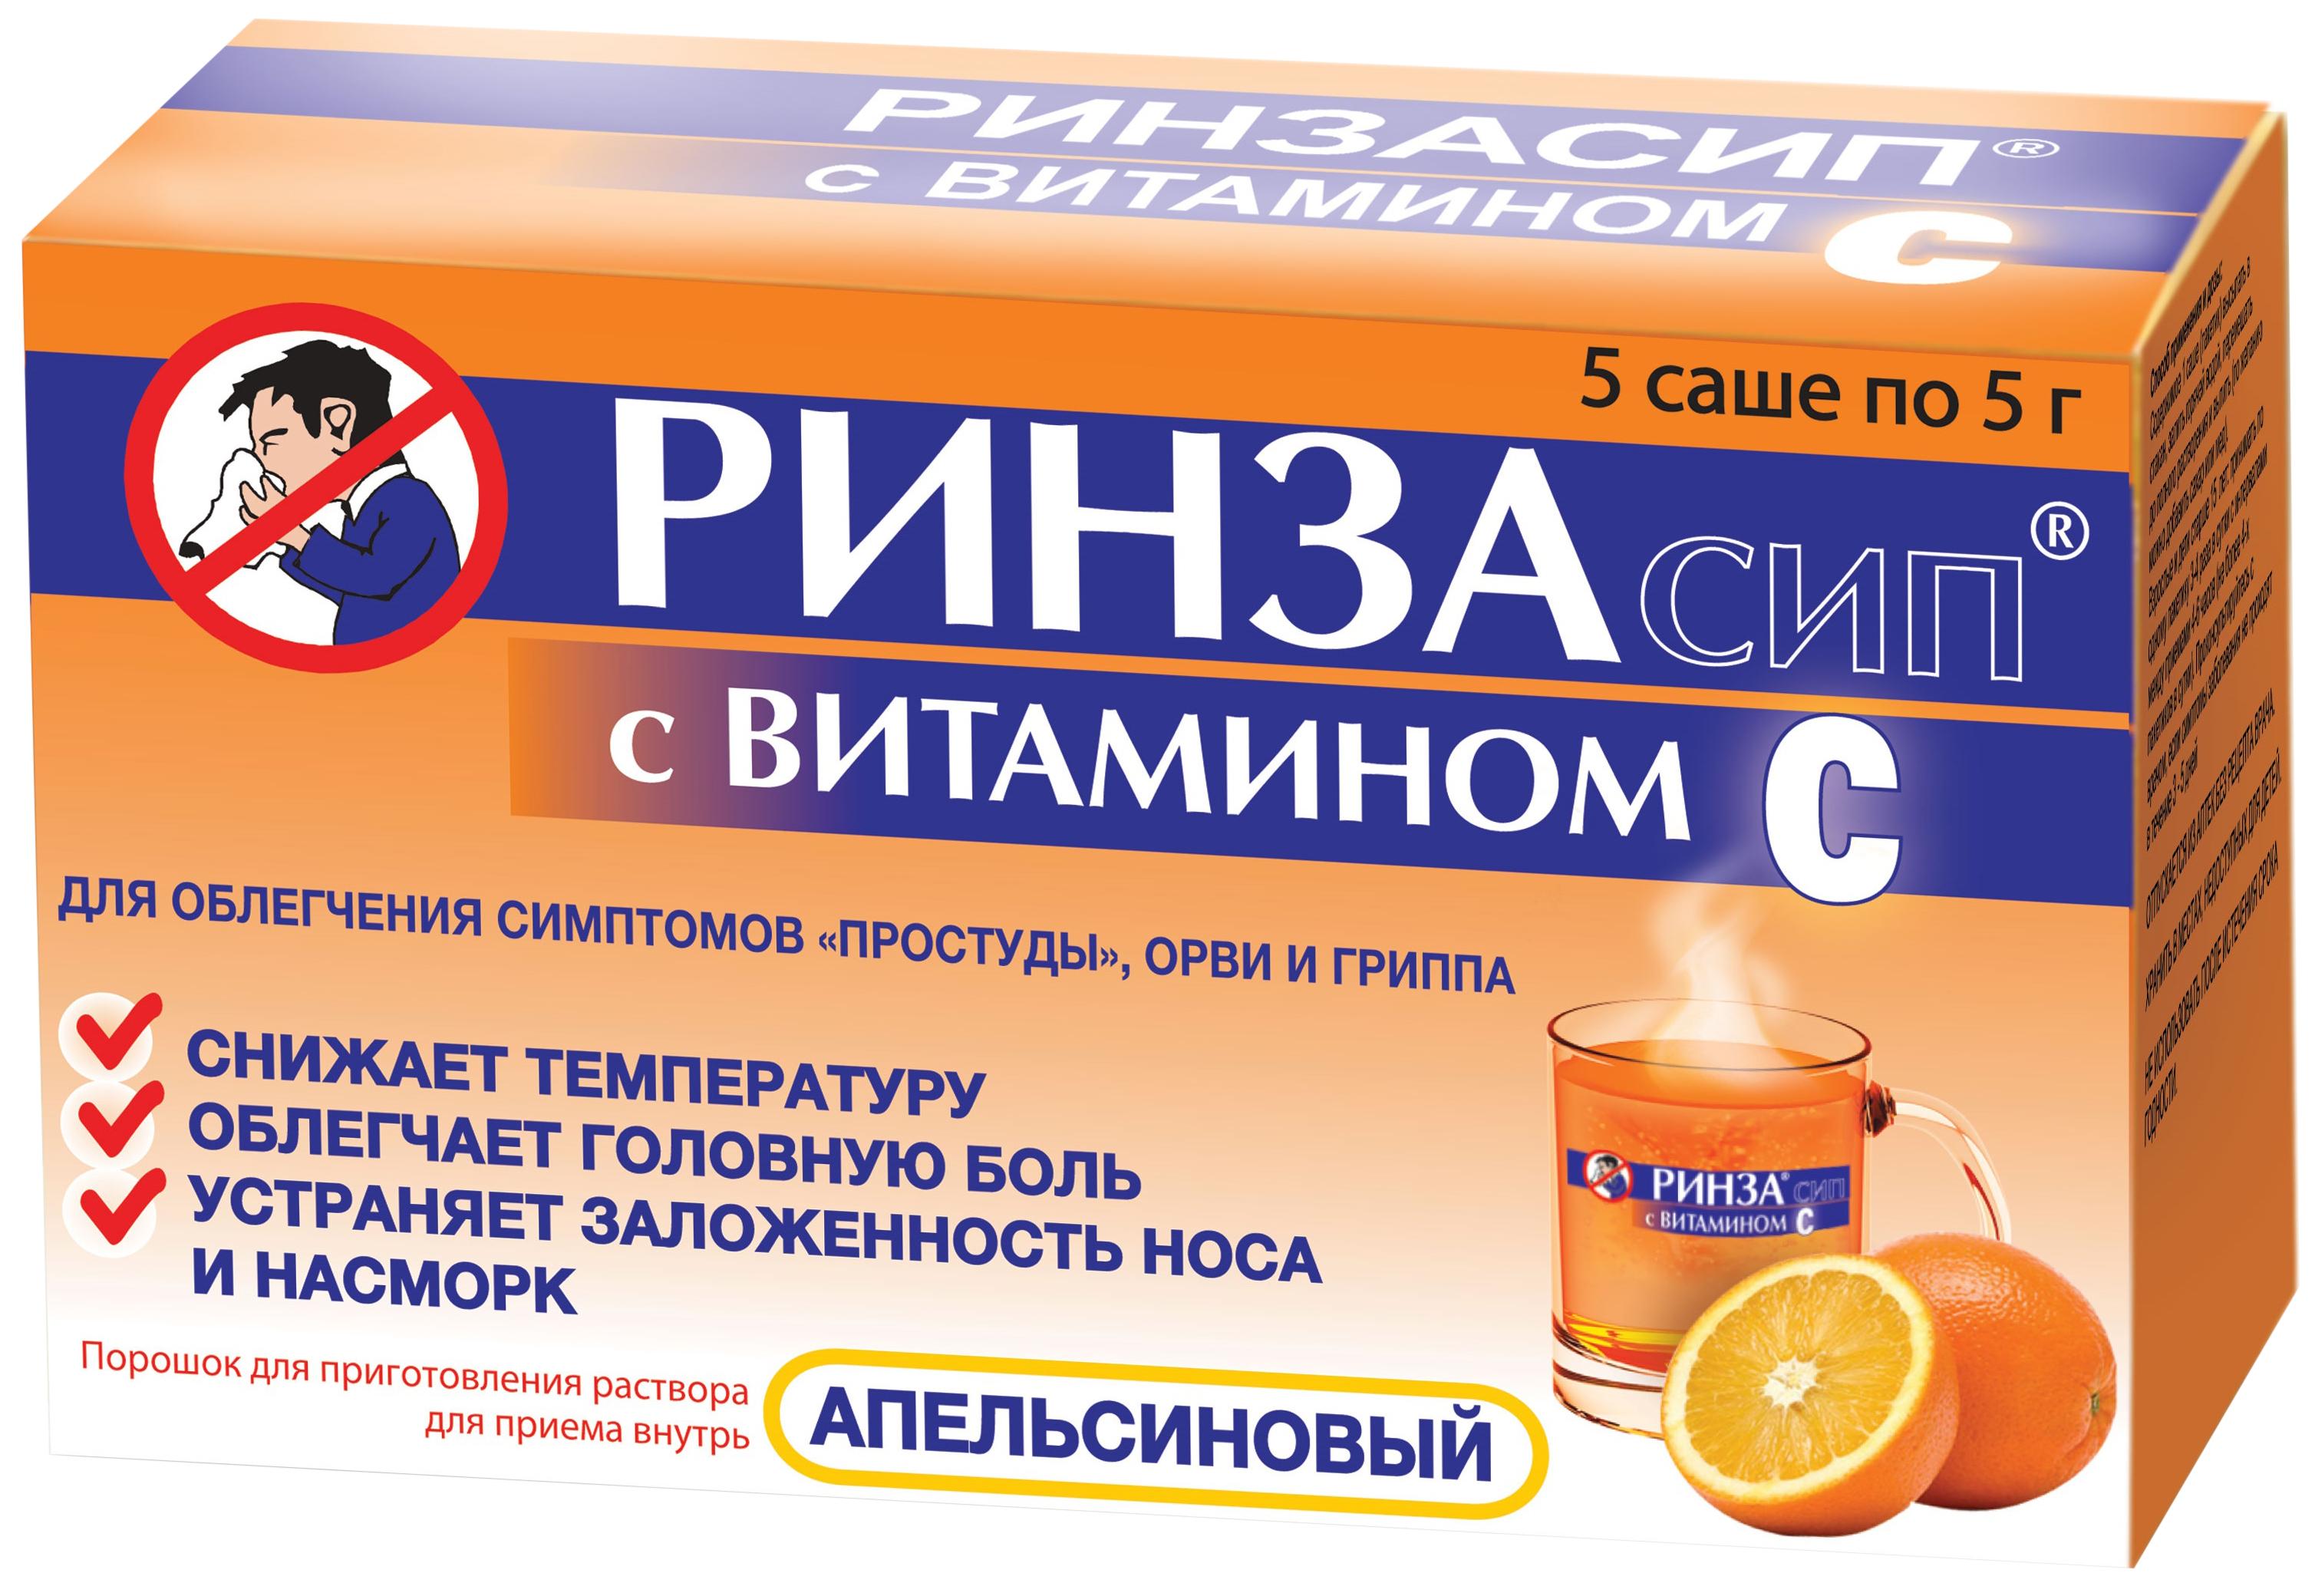 Ринзасип с витамином C порошок 5